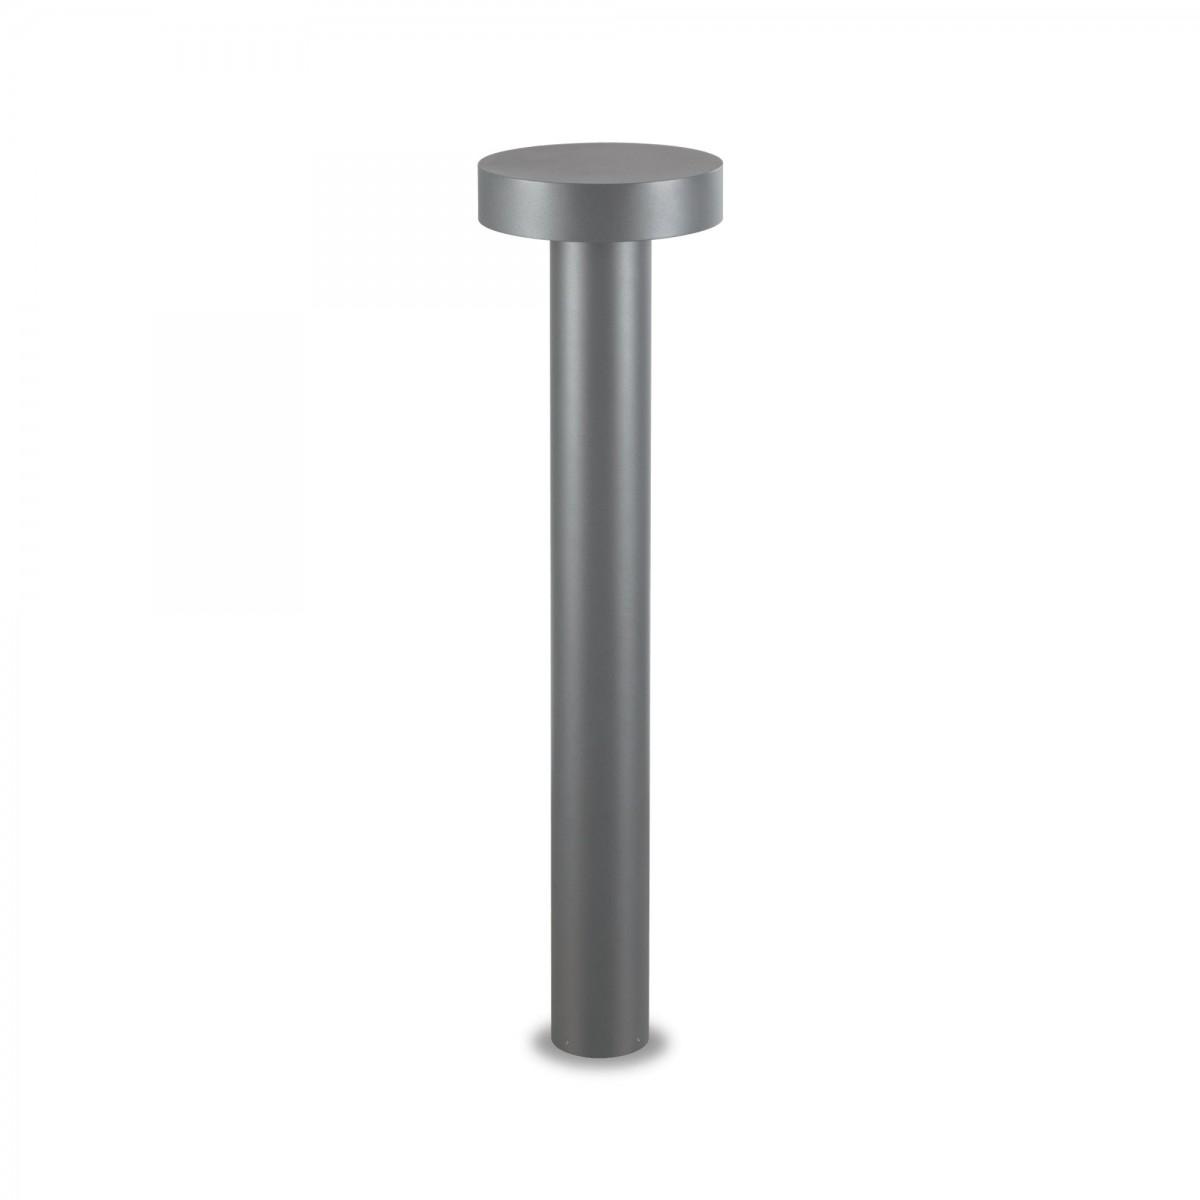 Ideal Lux 153162 venkovní lampa Tesla Big Antracite 4x15W|G9|IP44 - černá